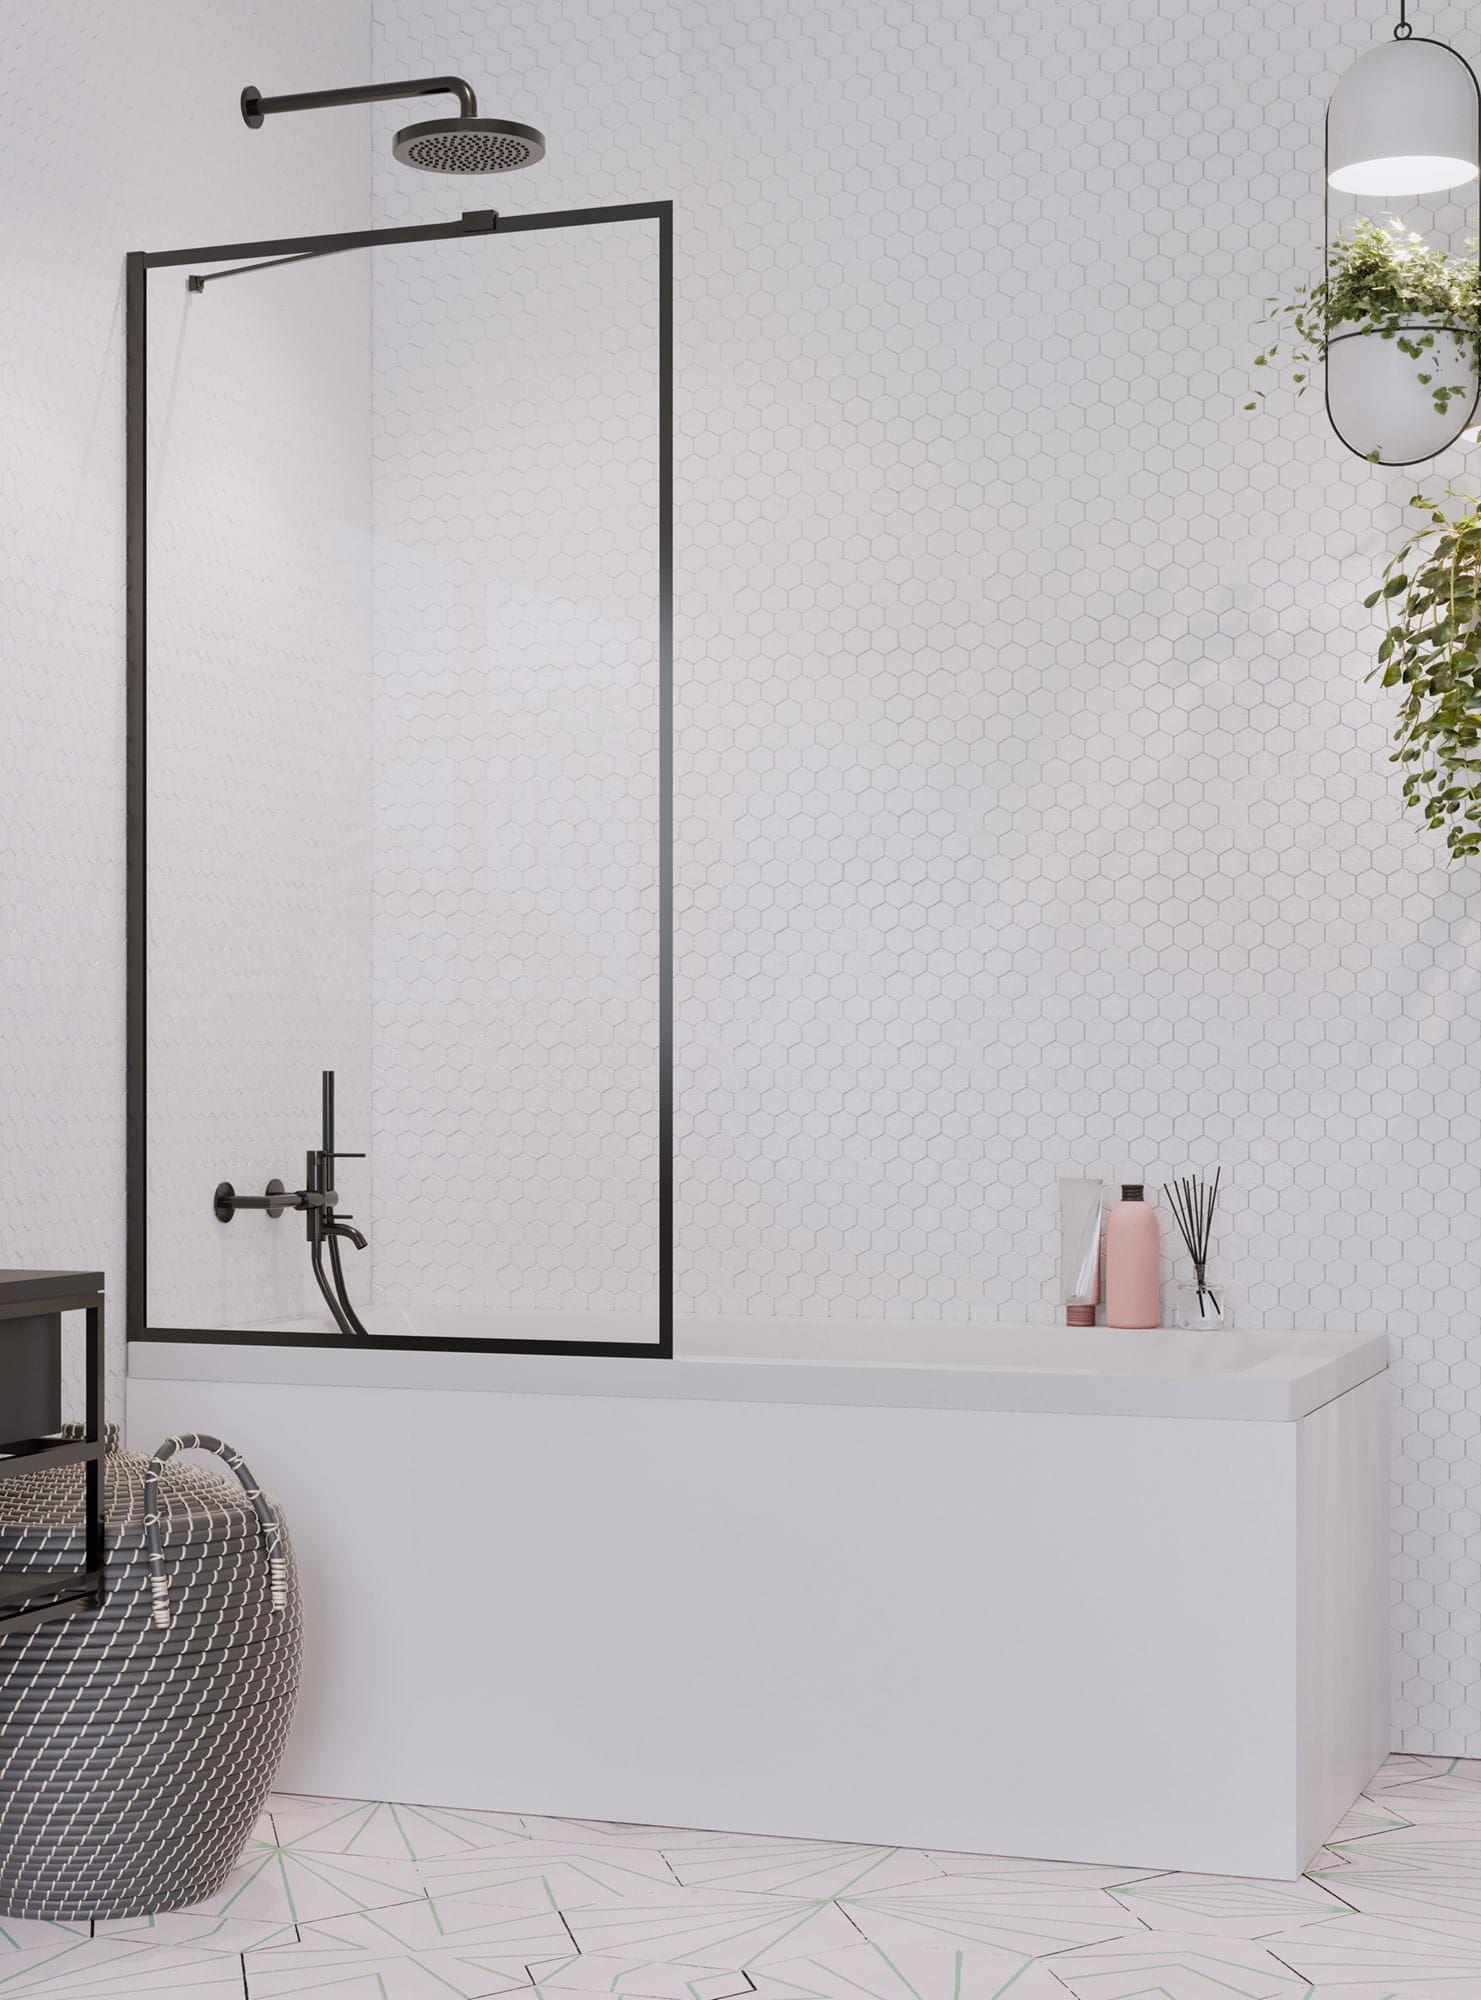 Radaway parawan nawannowy Idea Black PNJ Frame 70 cm, szkło przejrzyste, wys. 150 cm 10001070-54-56